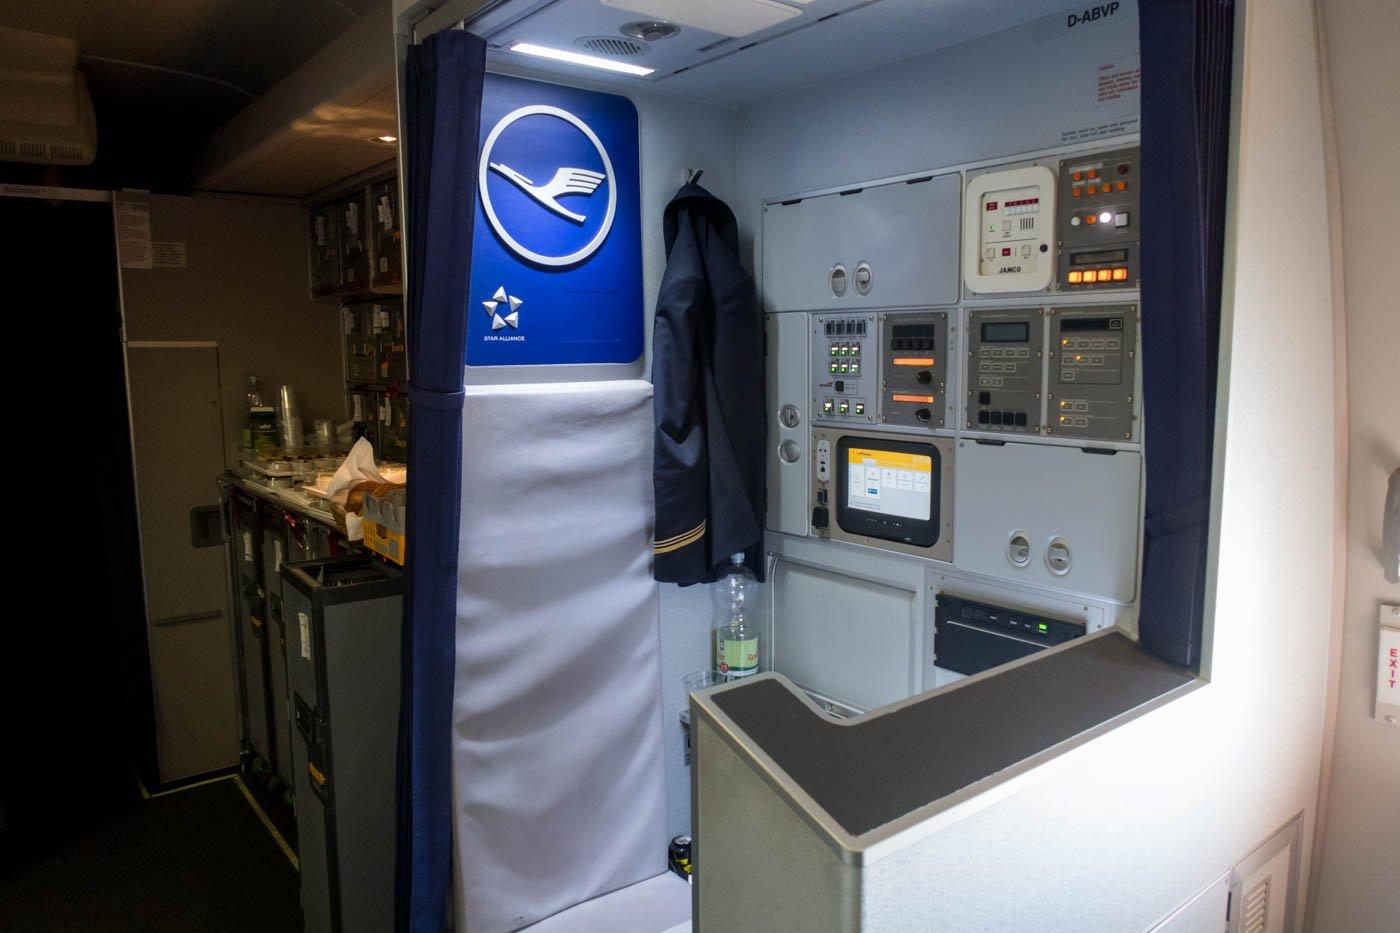 Lufthansa 747 Purser Station